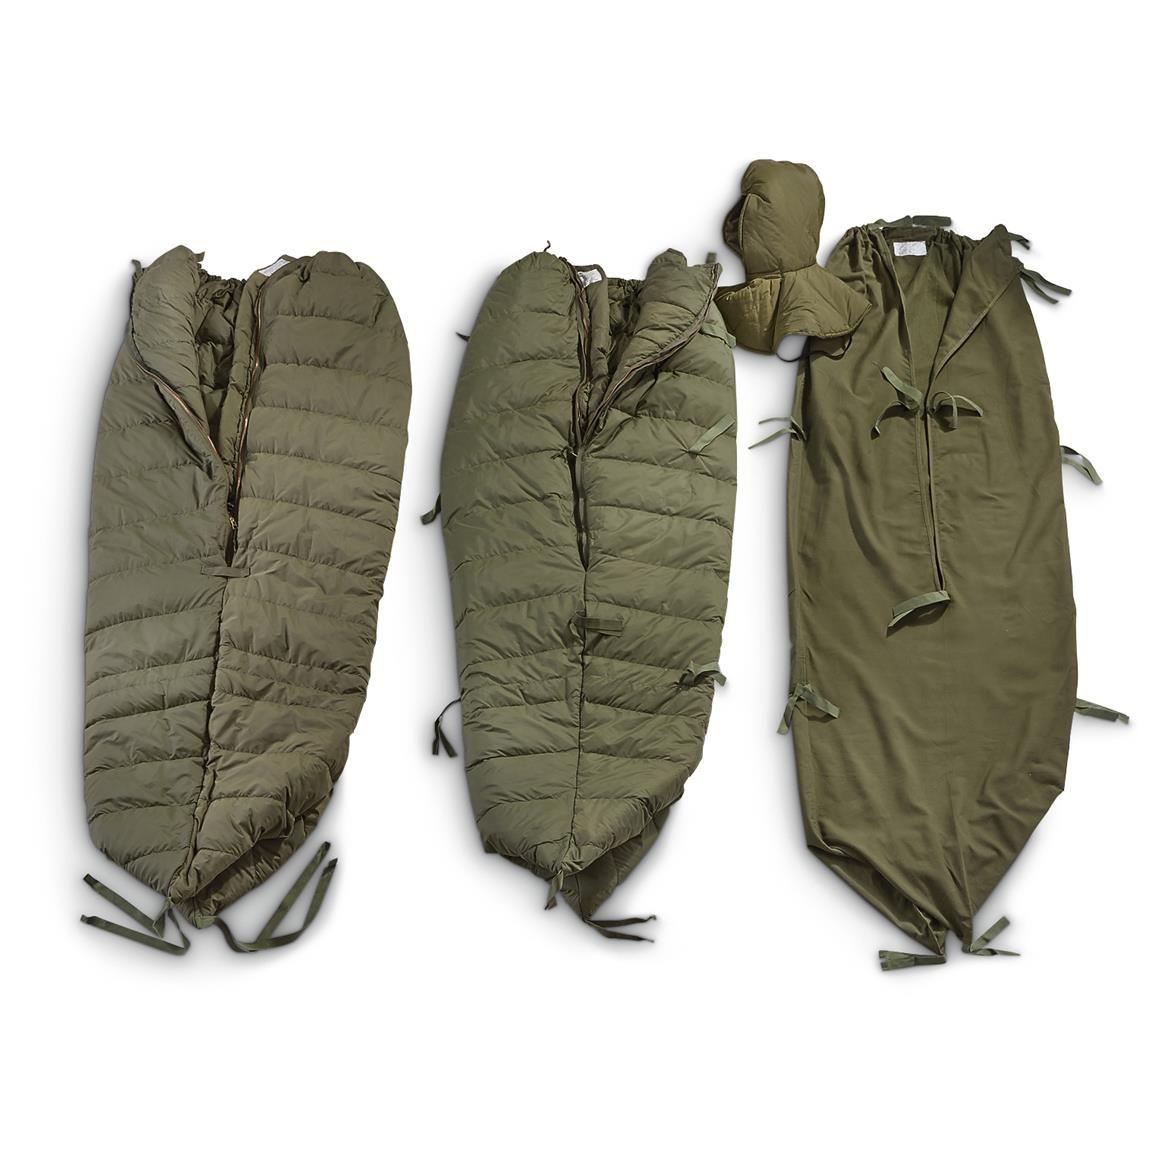 U S Military Surplus Ecw Sleeping Bag Used 637616 Bags At Sportsman Guide